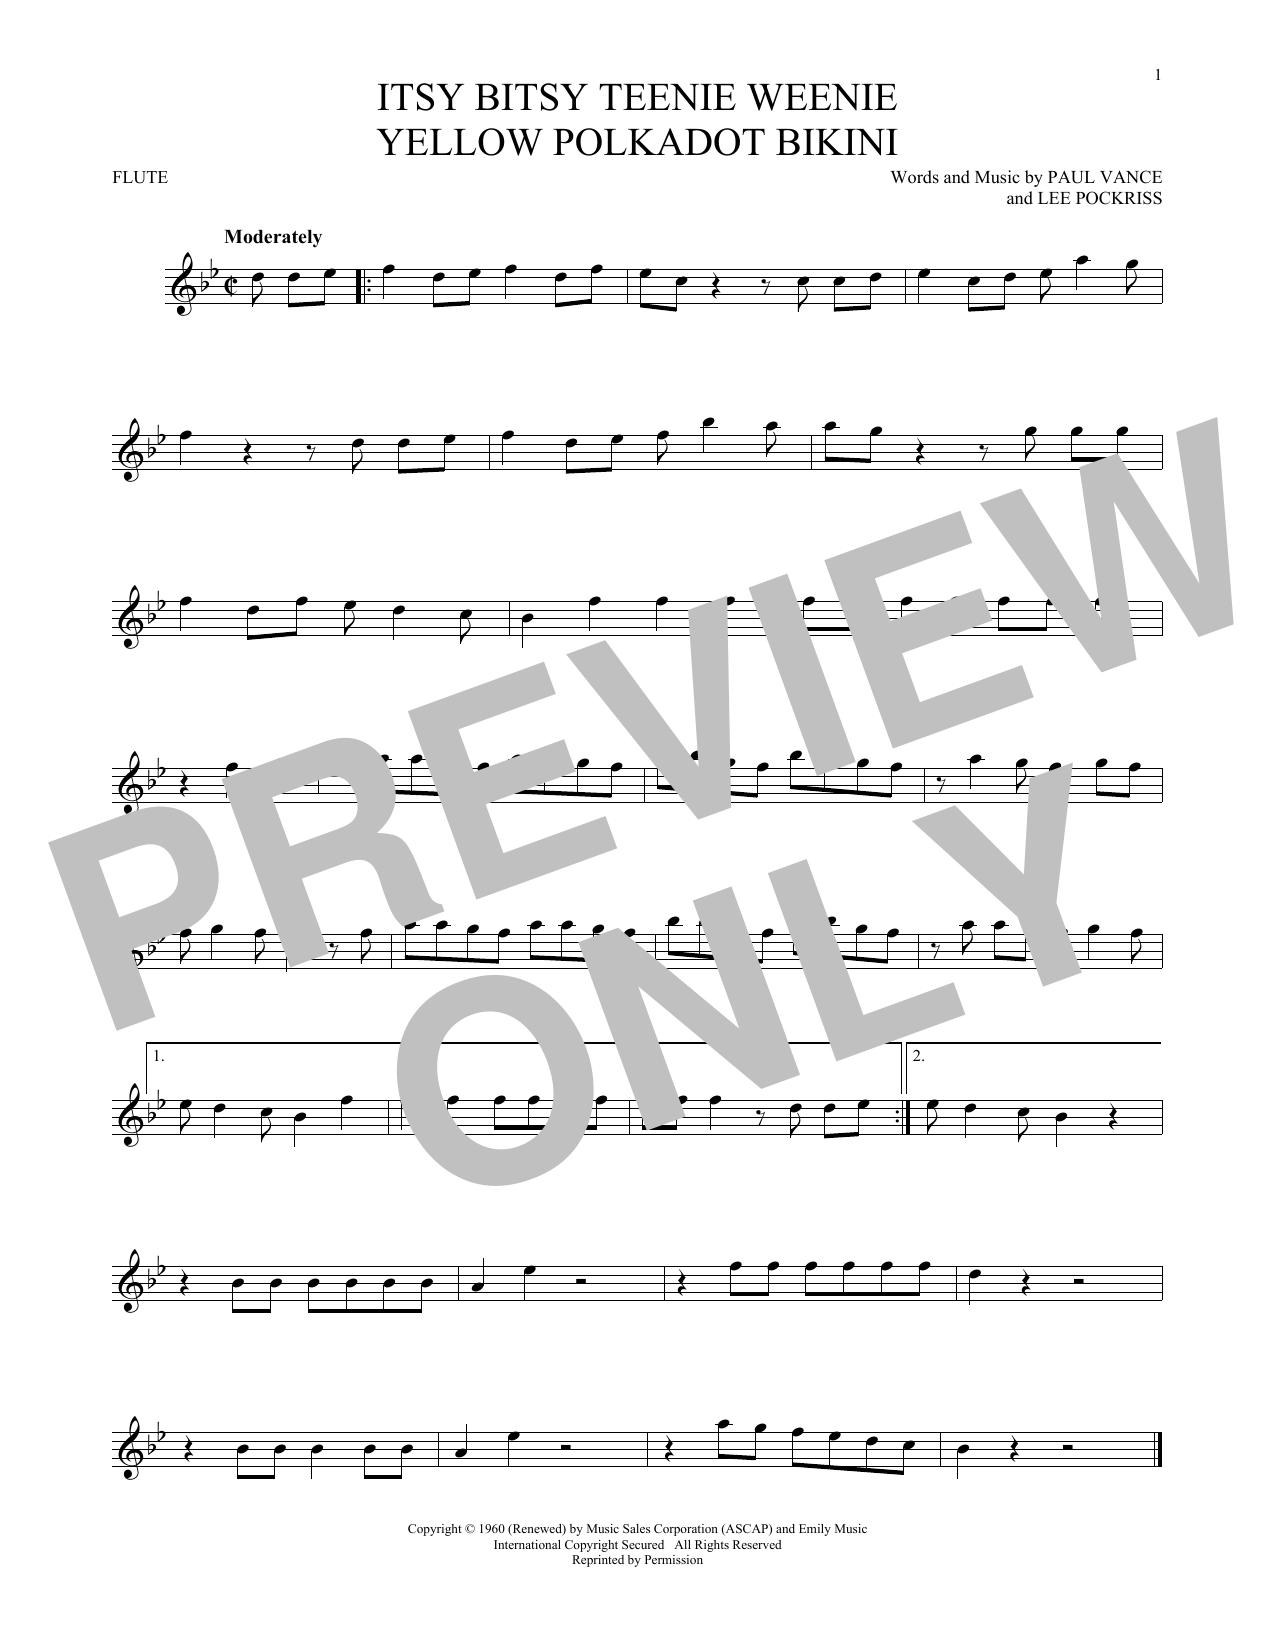 Itsy Bitsy Teenie Weenie Yellow Polkadot Bikini (Flute Solo)